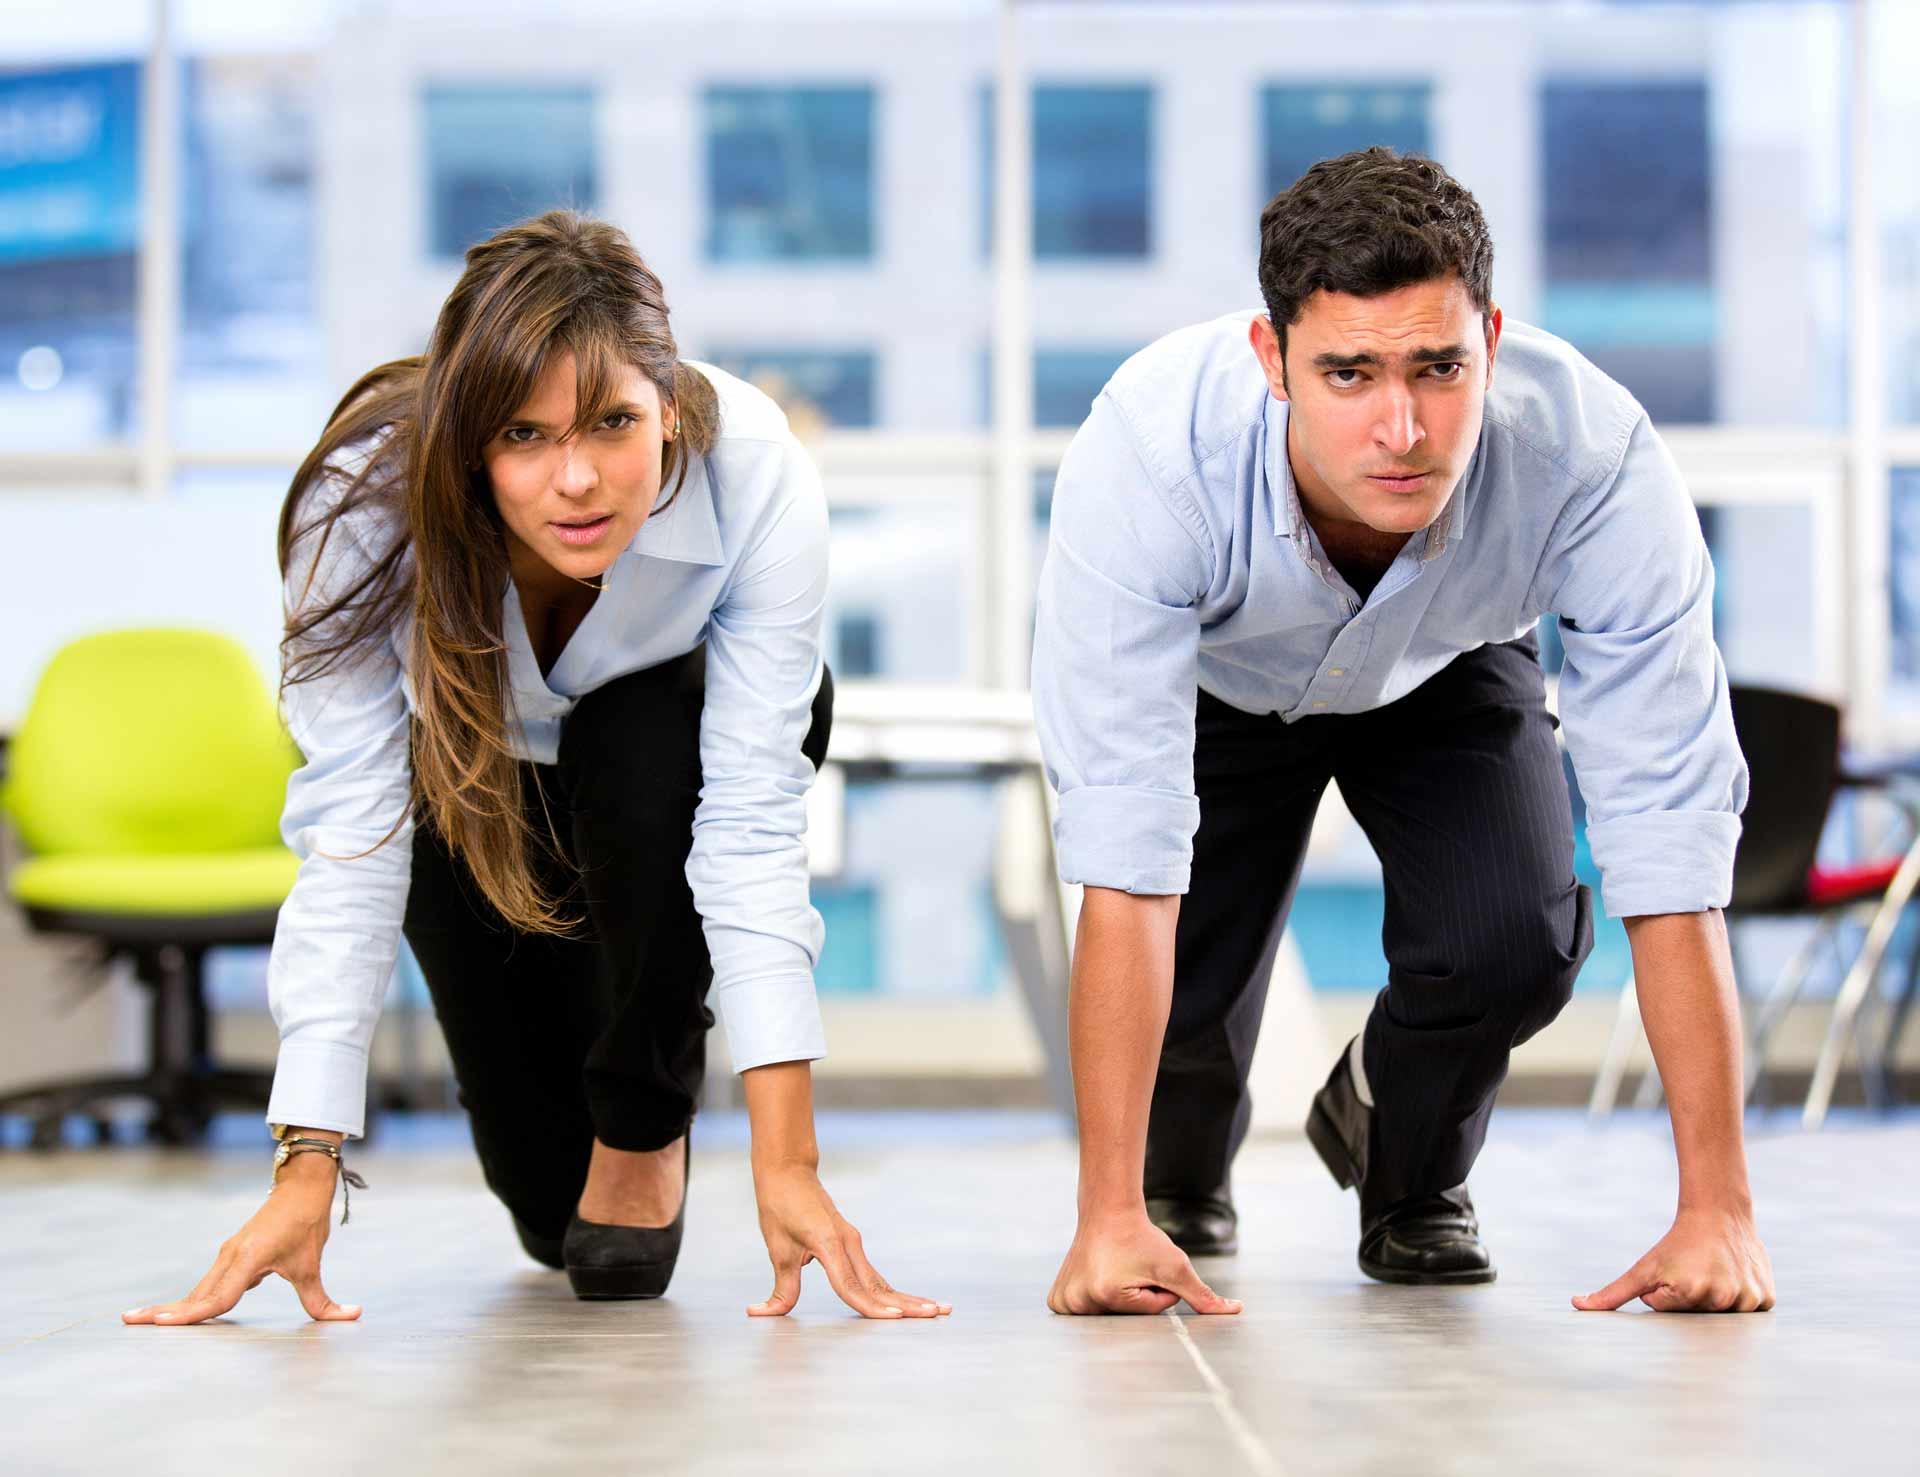 Вебинар: Как увеличить свой потенциал в личной жизни и бизнесе